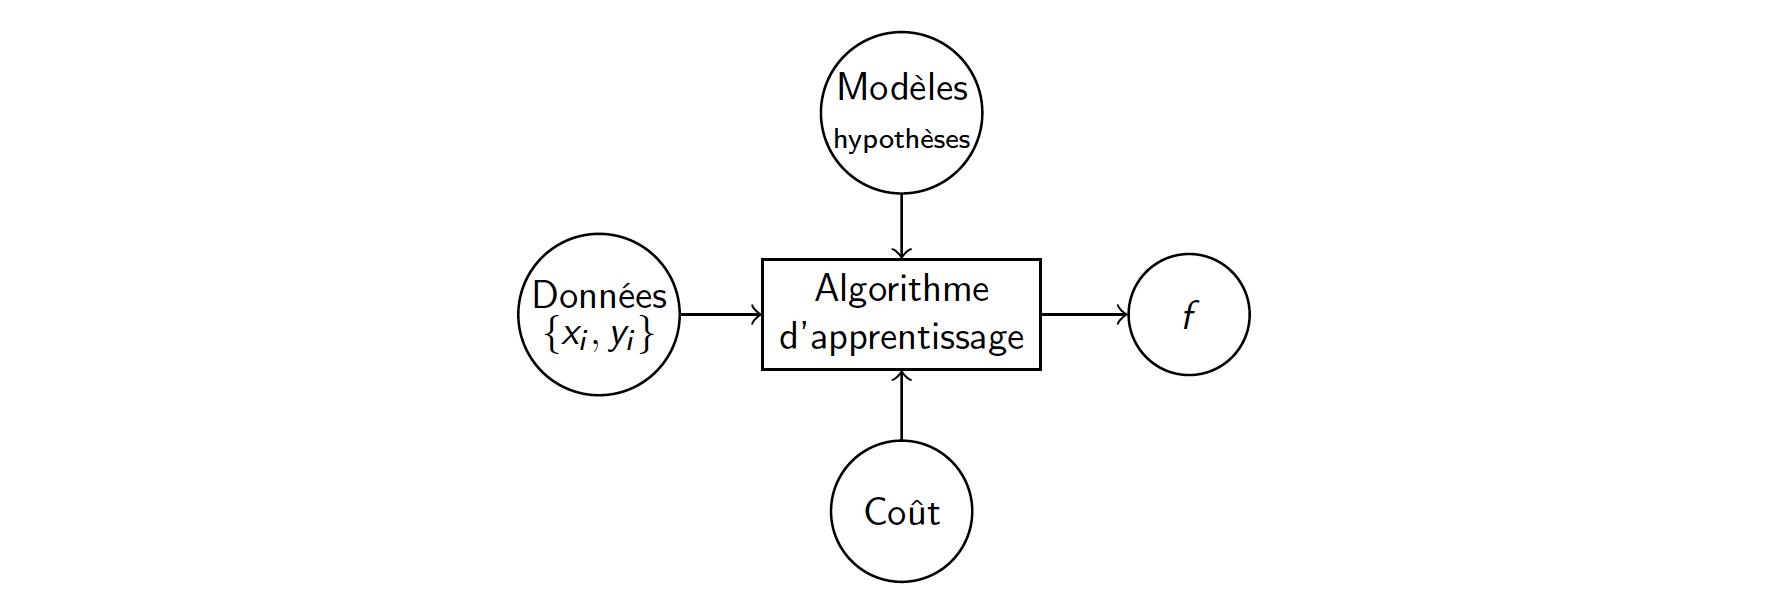 Schéma fonctionnel de l'apprentissage. Du point de vue fonctionnel, un algorithme d'apprentissage prend en entrée trois composants : des données, un coût et un ensemble d'hypothèses. En sortie il rend une fonction (nécessairement choisie parmi l'e